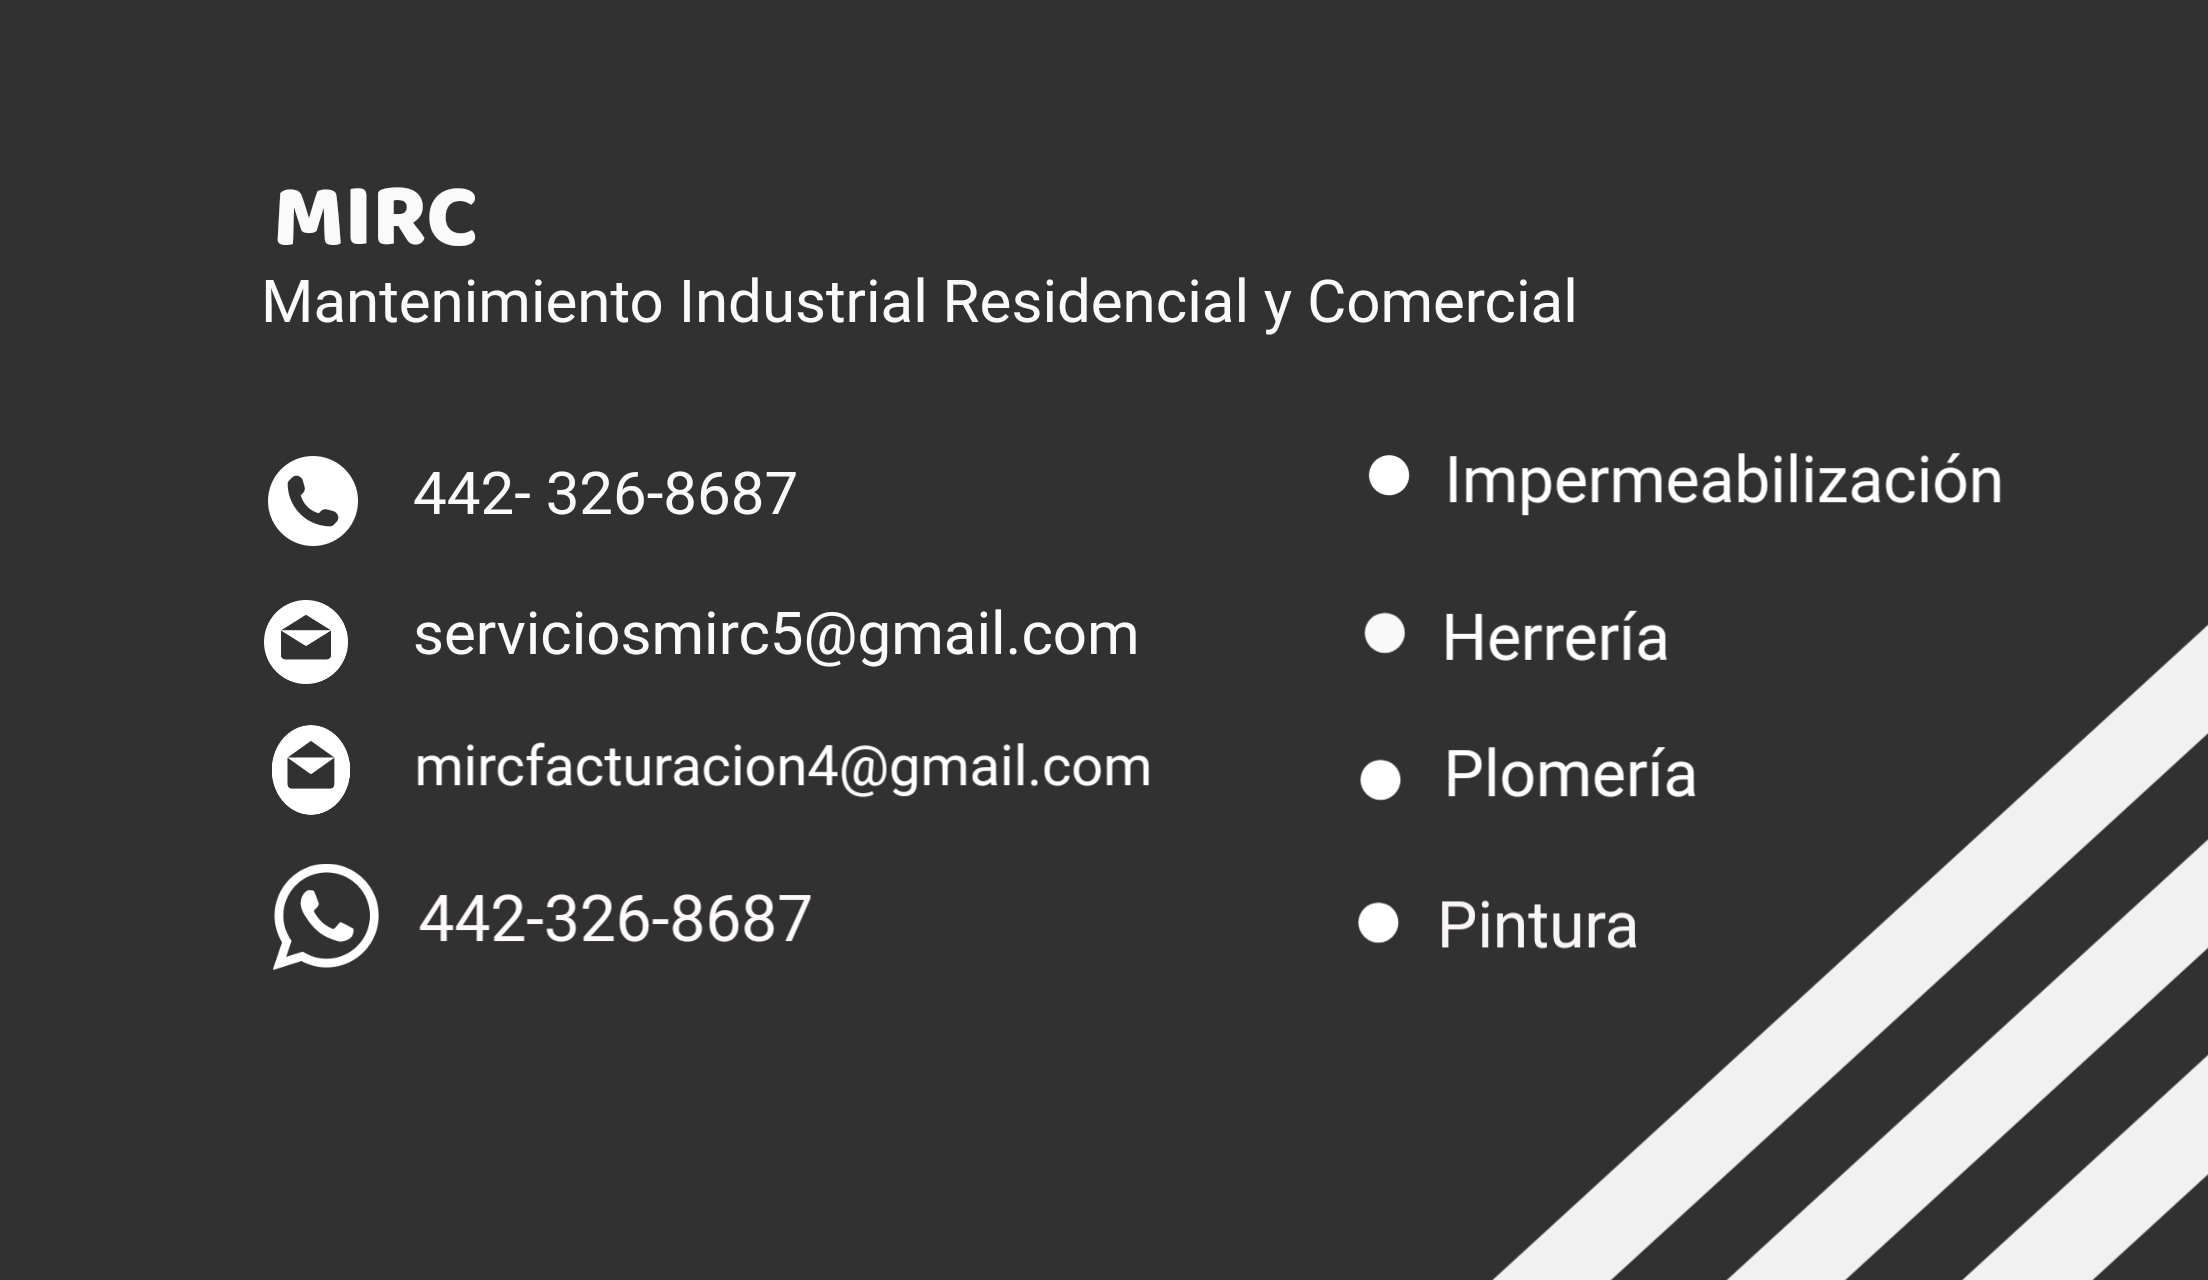 Mirc Mantenimiento Industrial Residencial Y Comercial